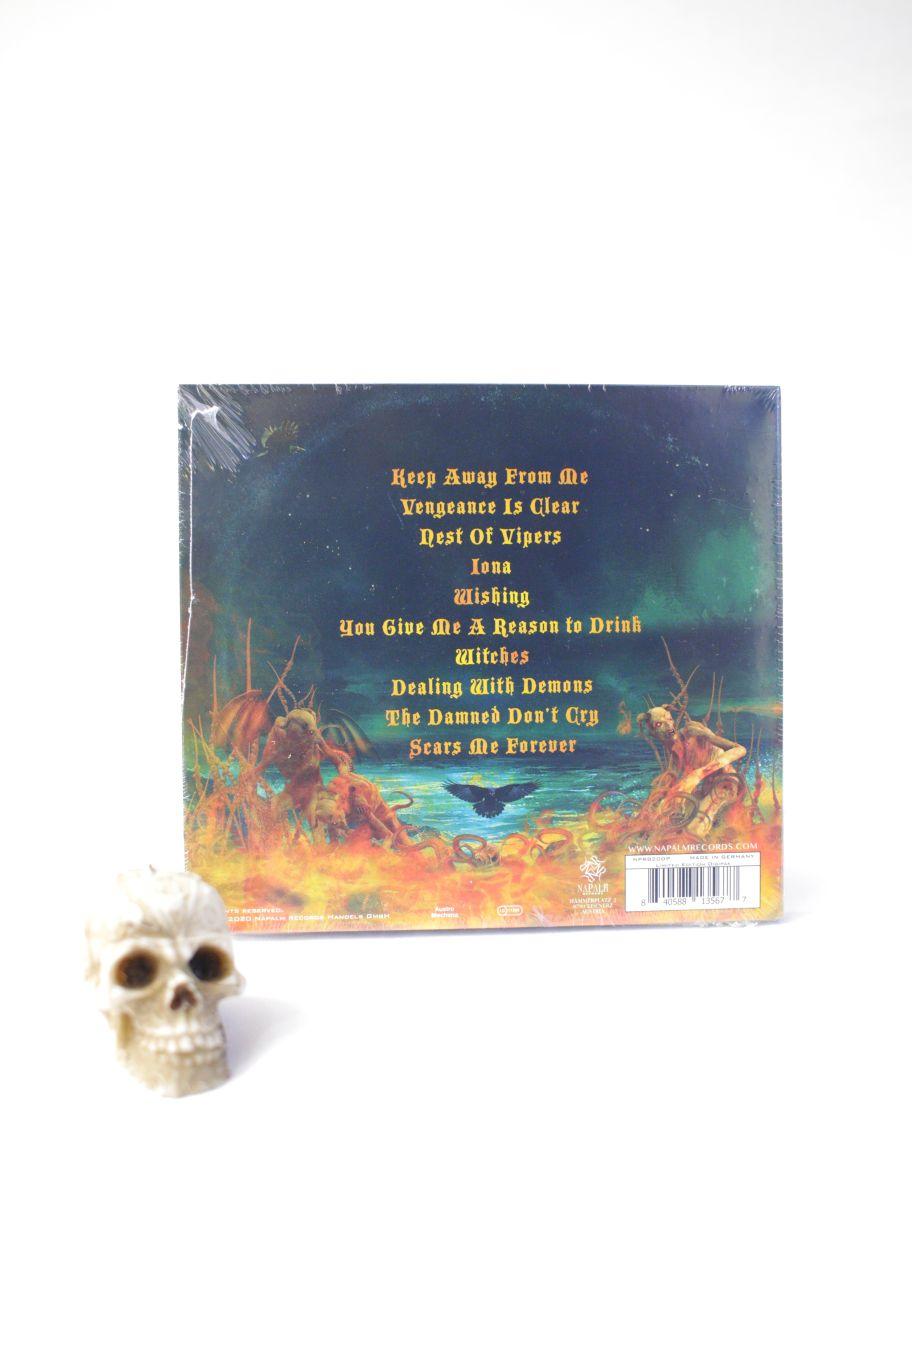 CD DEVILDRIVER DEALING WITH DEMONS I